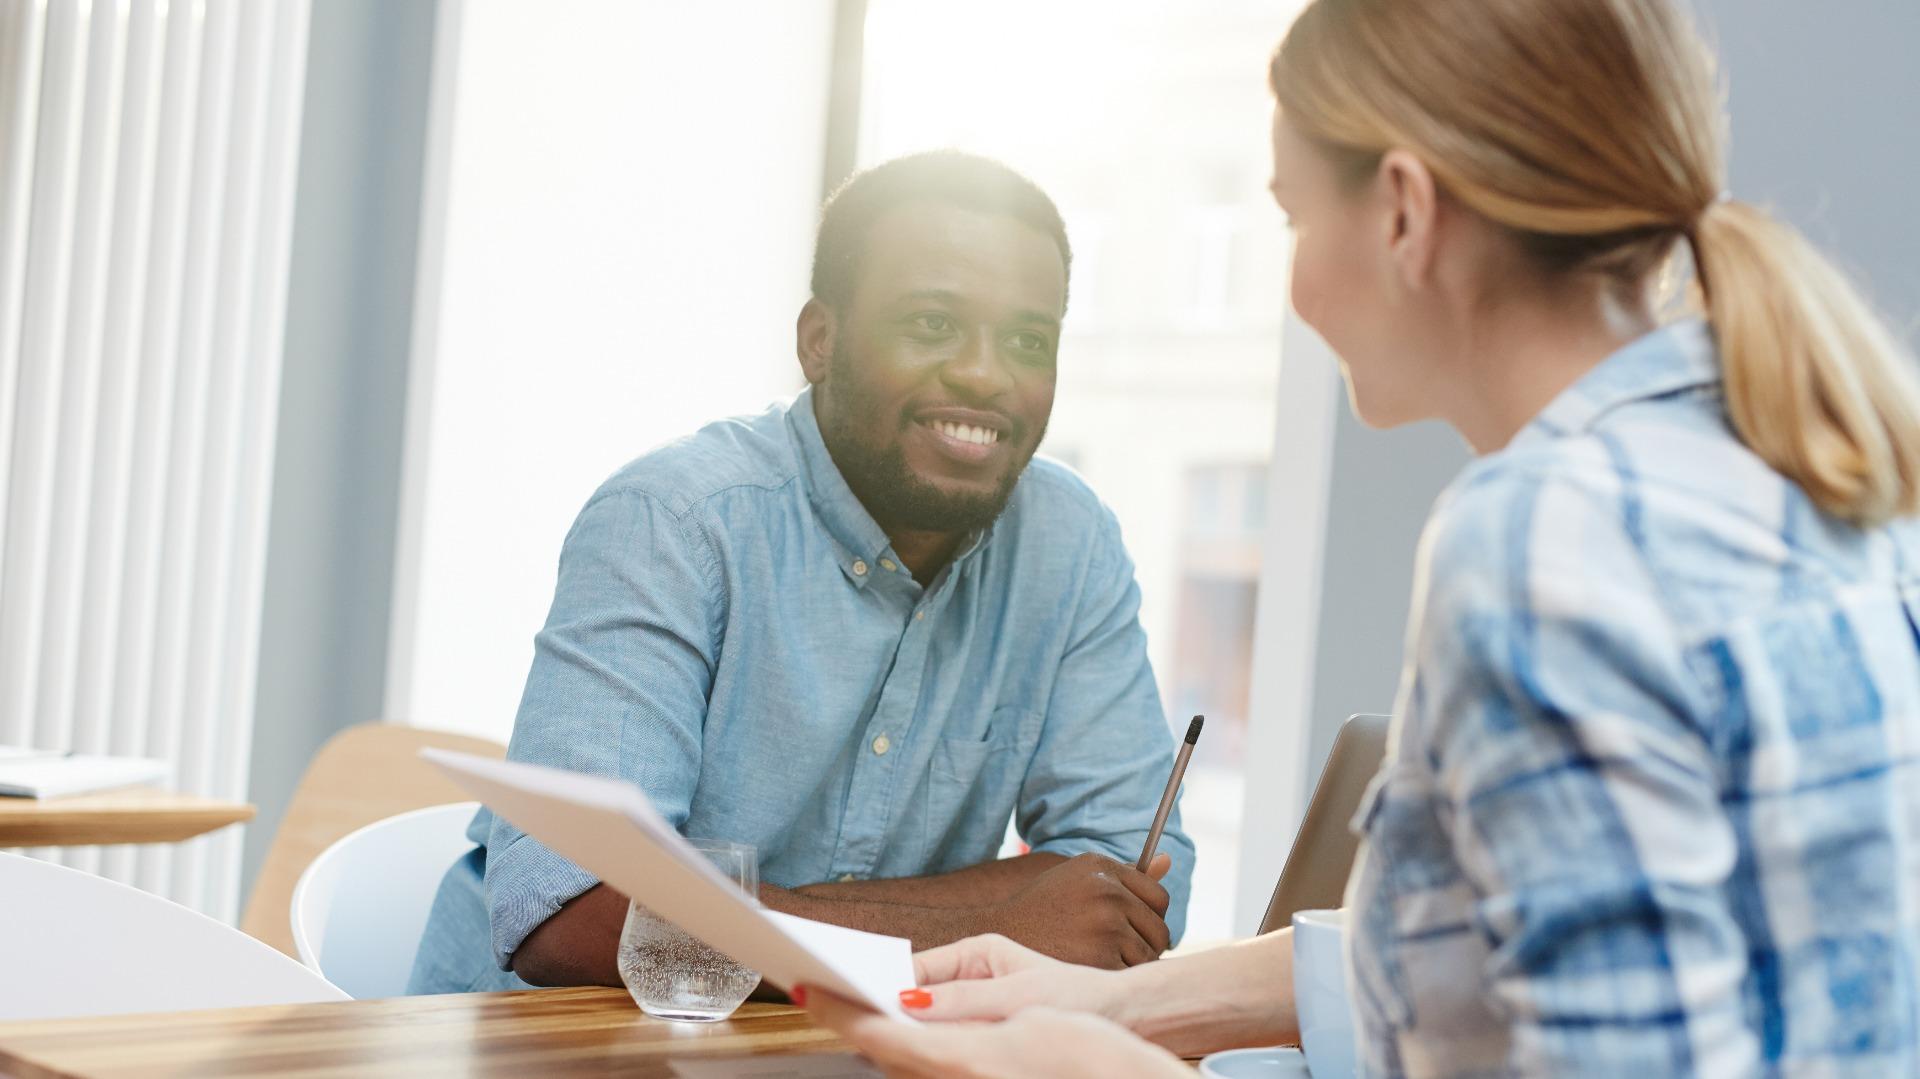 Appréciation et reconnaissance | Coup de pouce PME